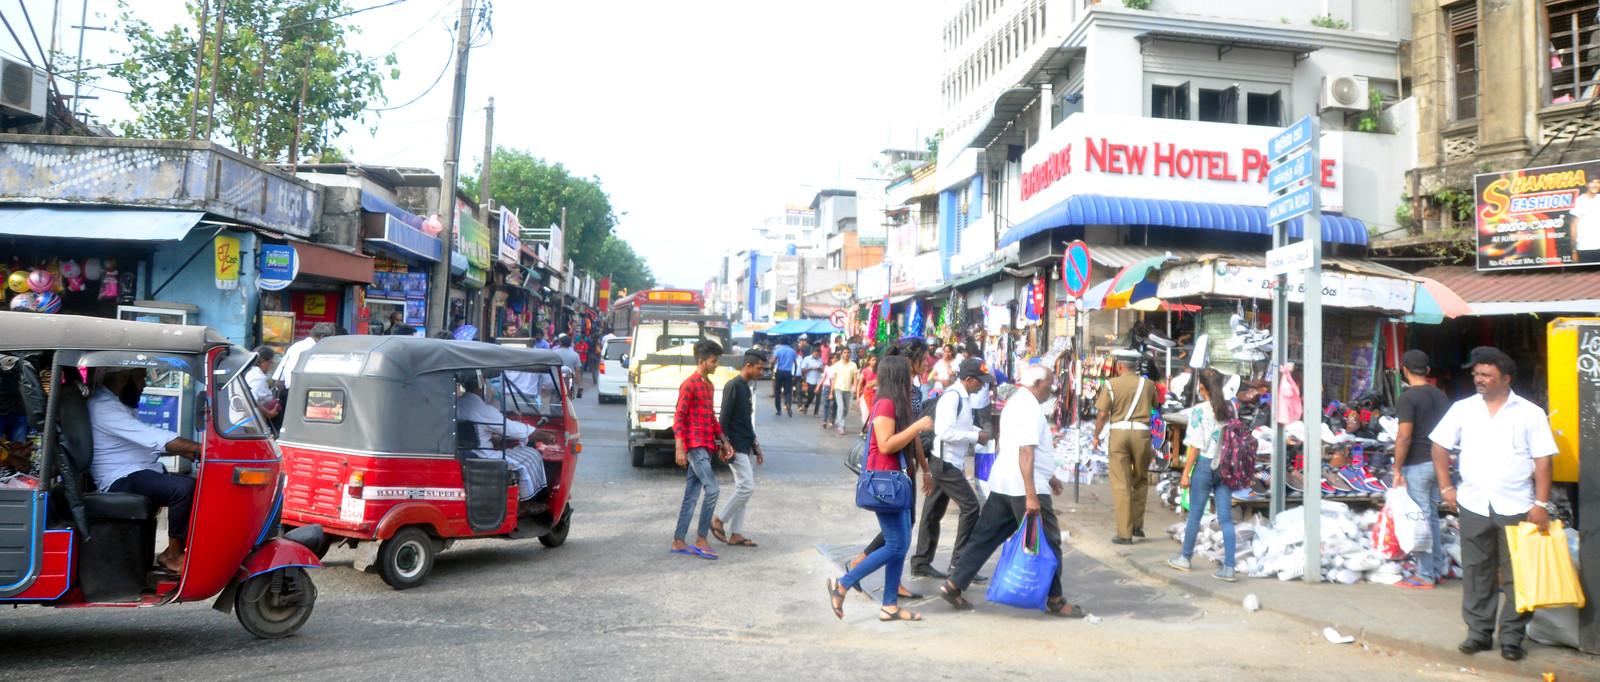 Qué ver en Colombo en un día, Sri Lanka qué ver en colombo en un día - 40076190193 2ea3fd31e1 h - Qué ver en Colombo en un día